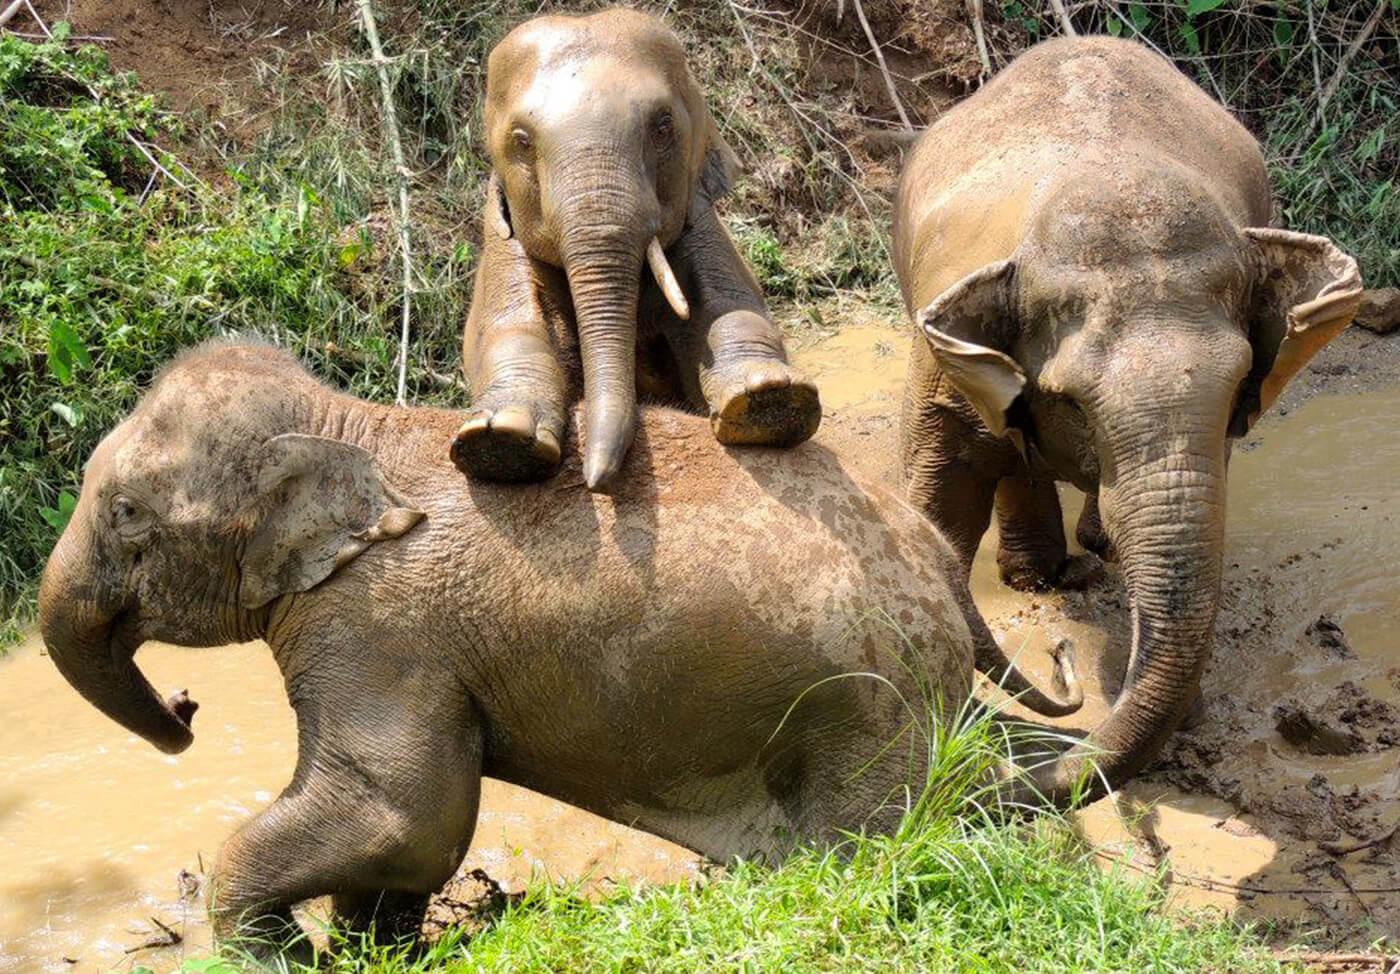 Elephant-Jungle-Sanctuary-Phuket-2